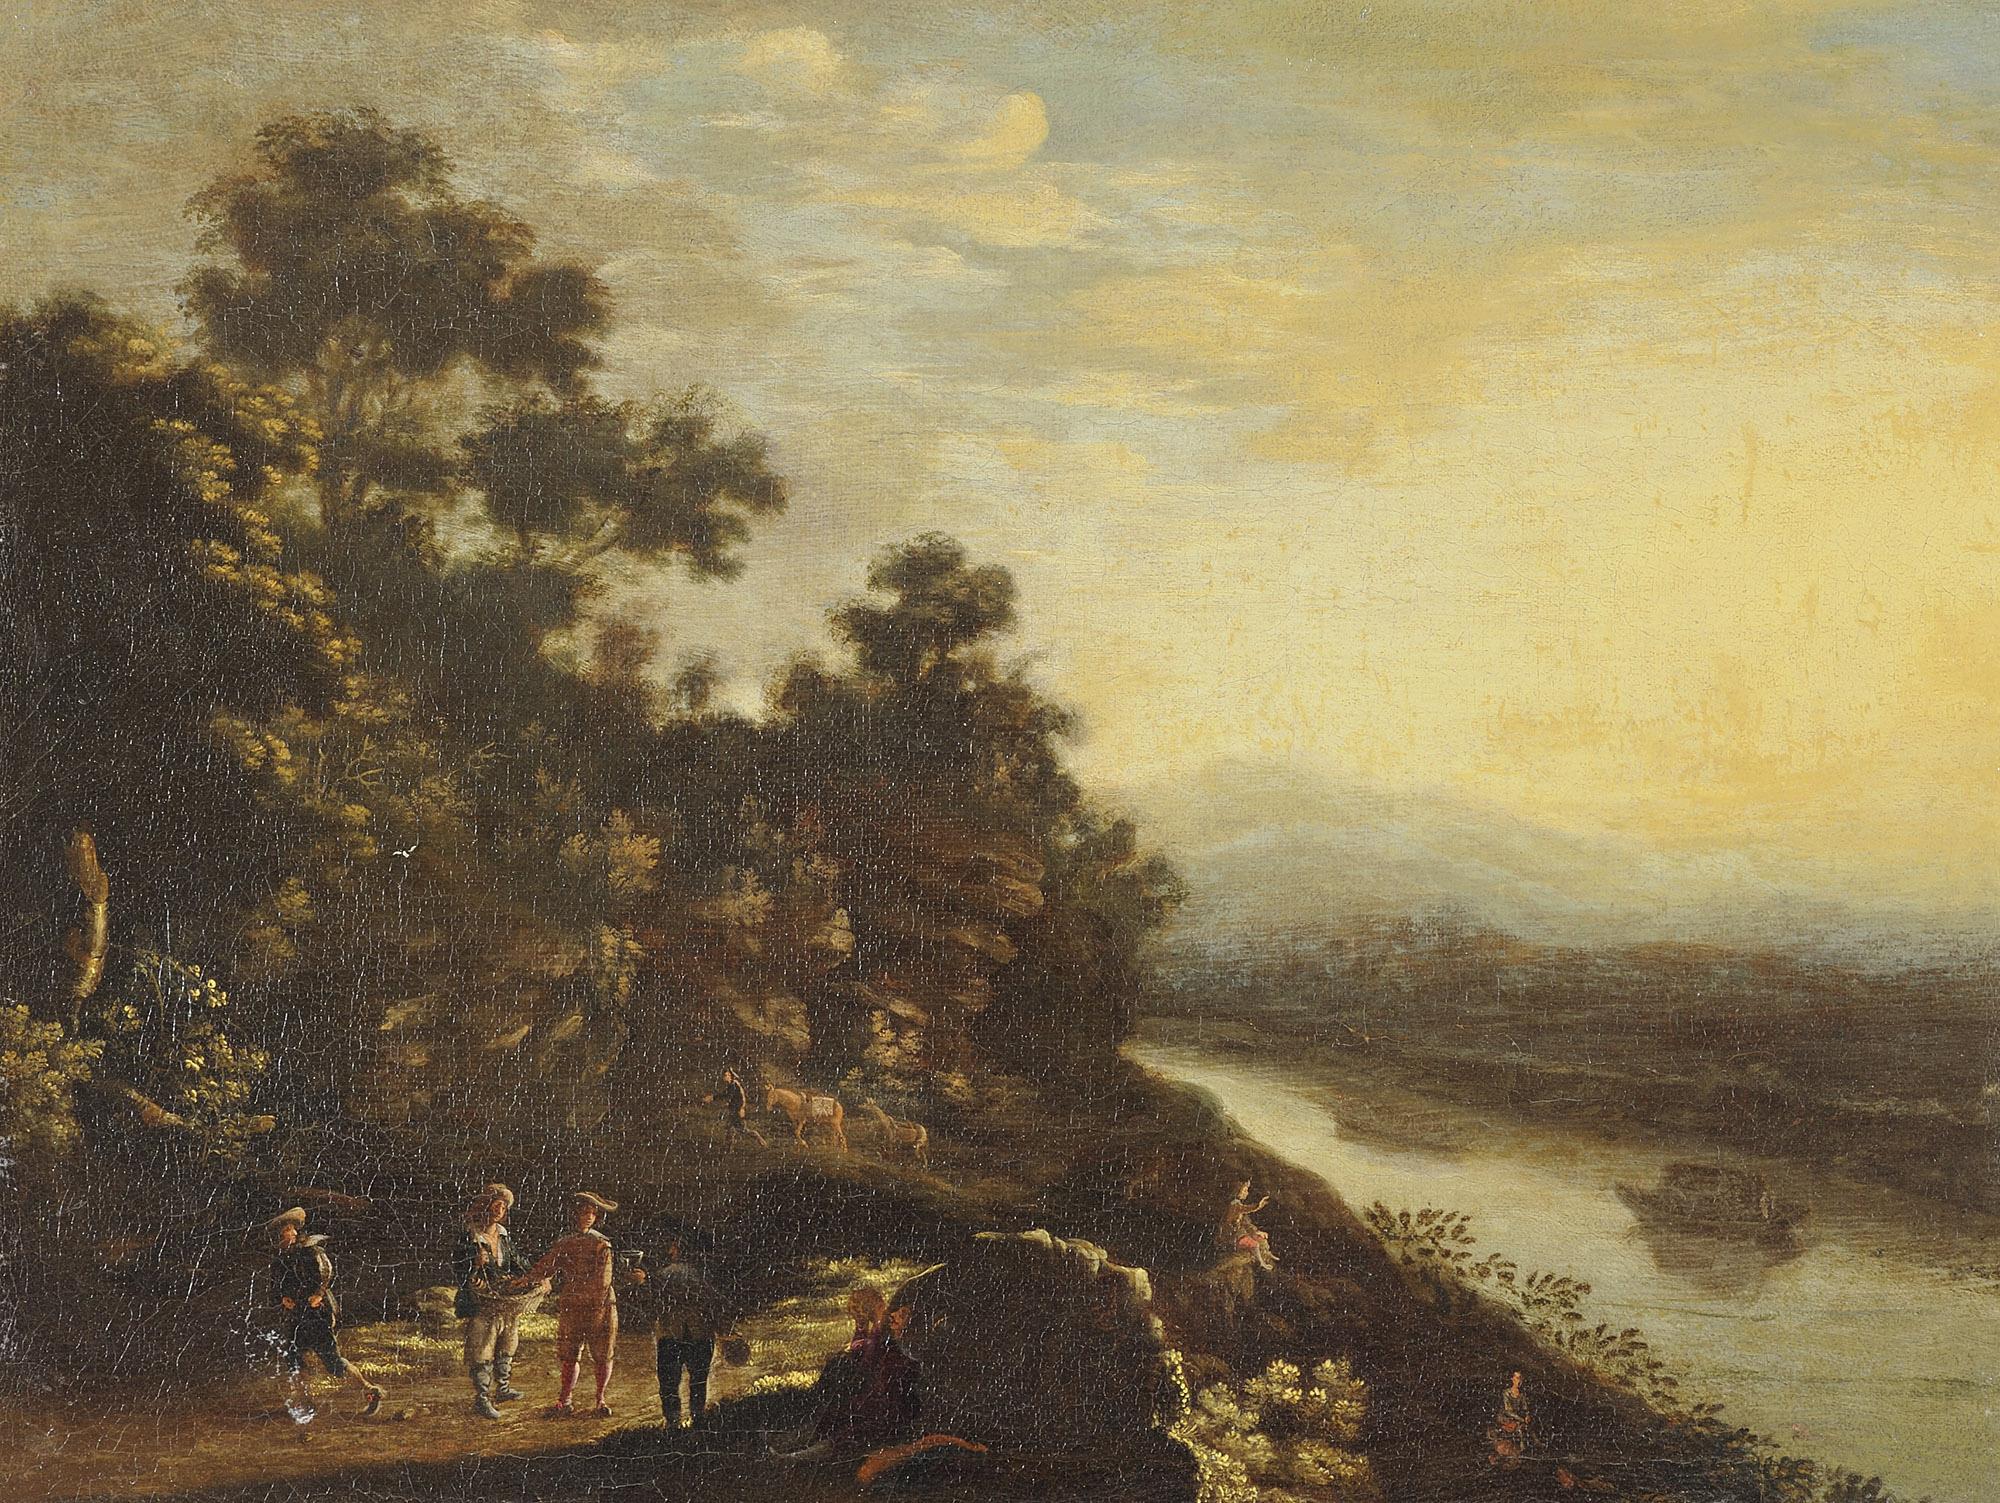 Paesaggio fluviale con viandanti